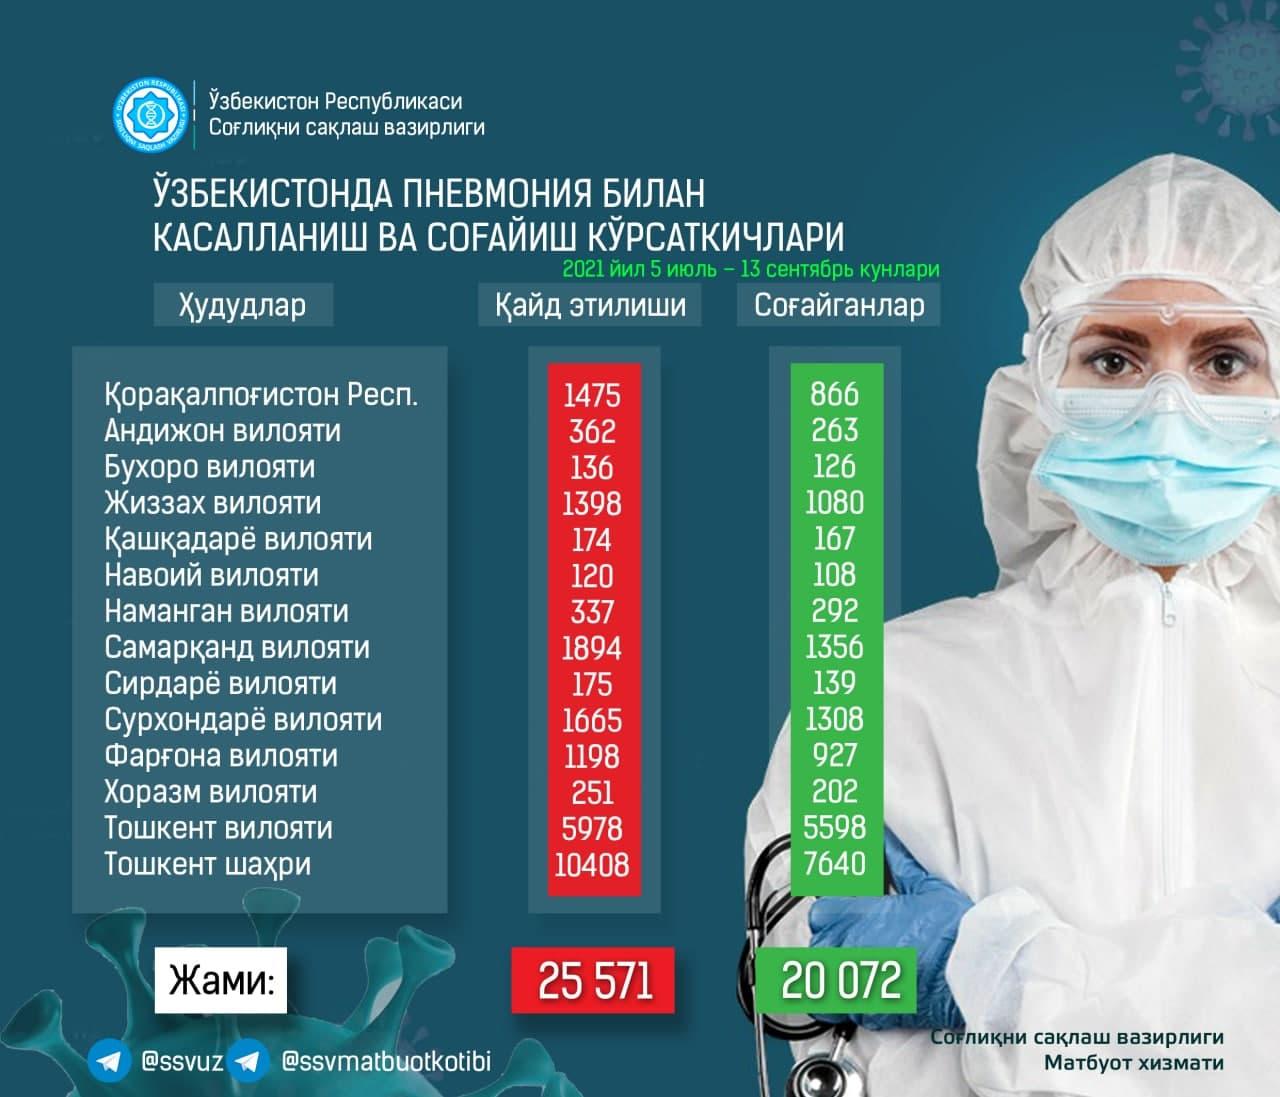 Пневмония сбавляет обороты: за сутки зафиксировано 93 случая заболевания — статистика